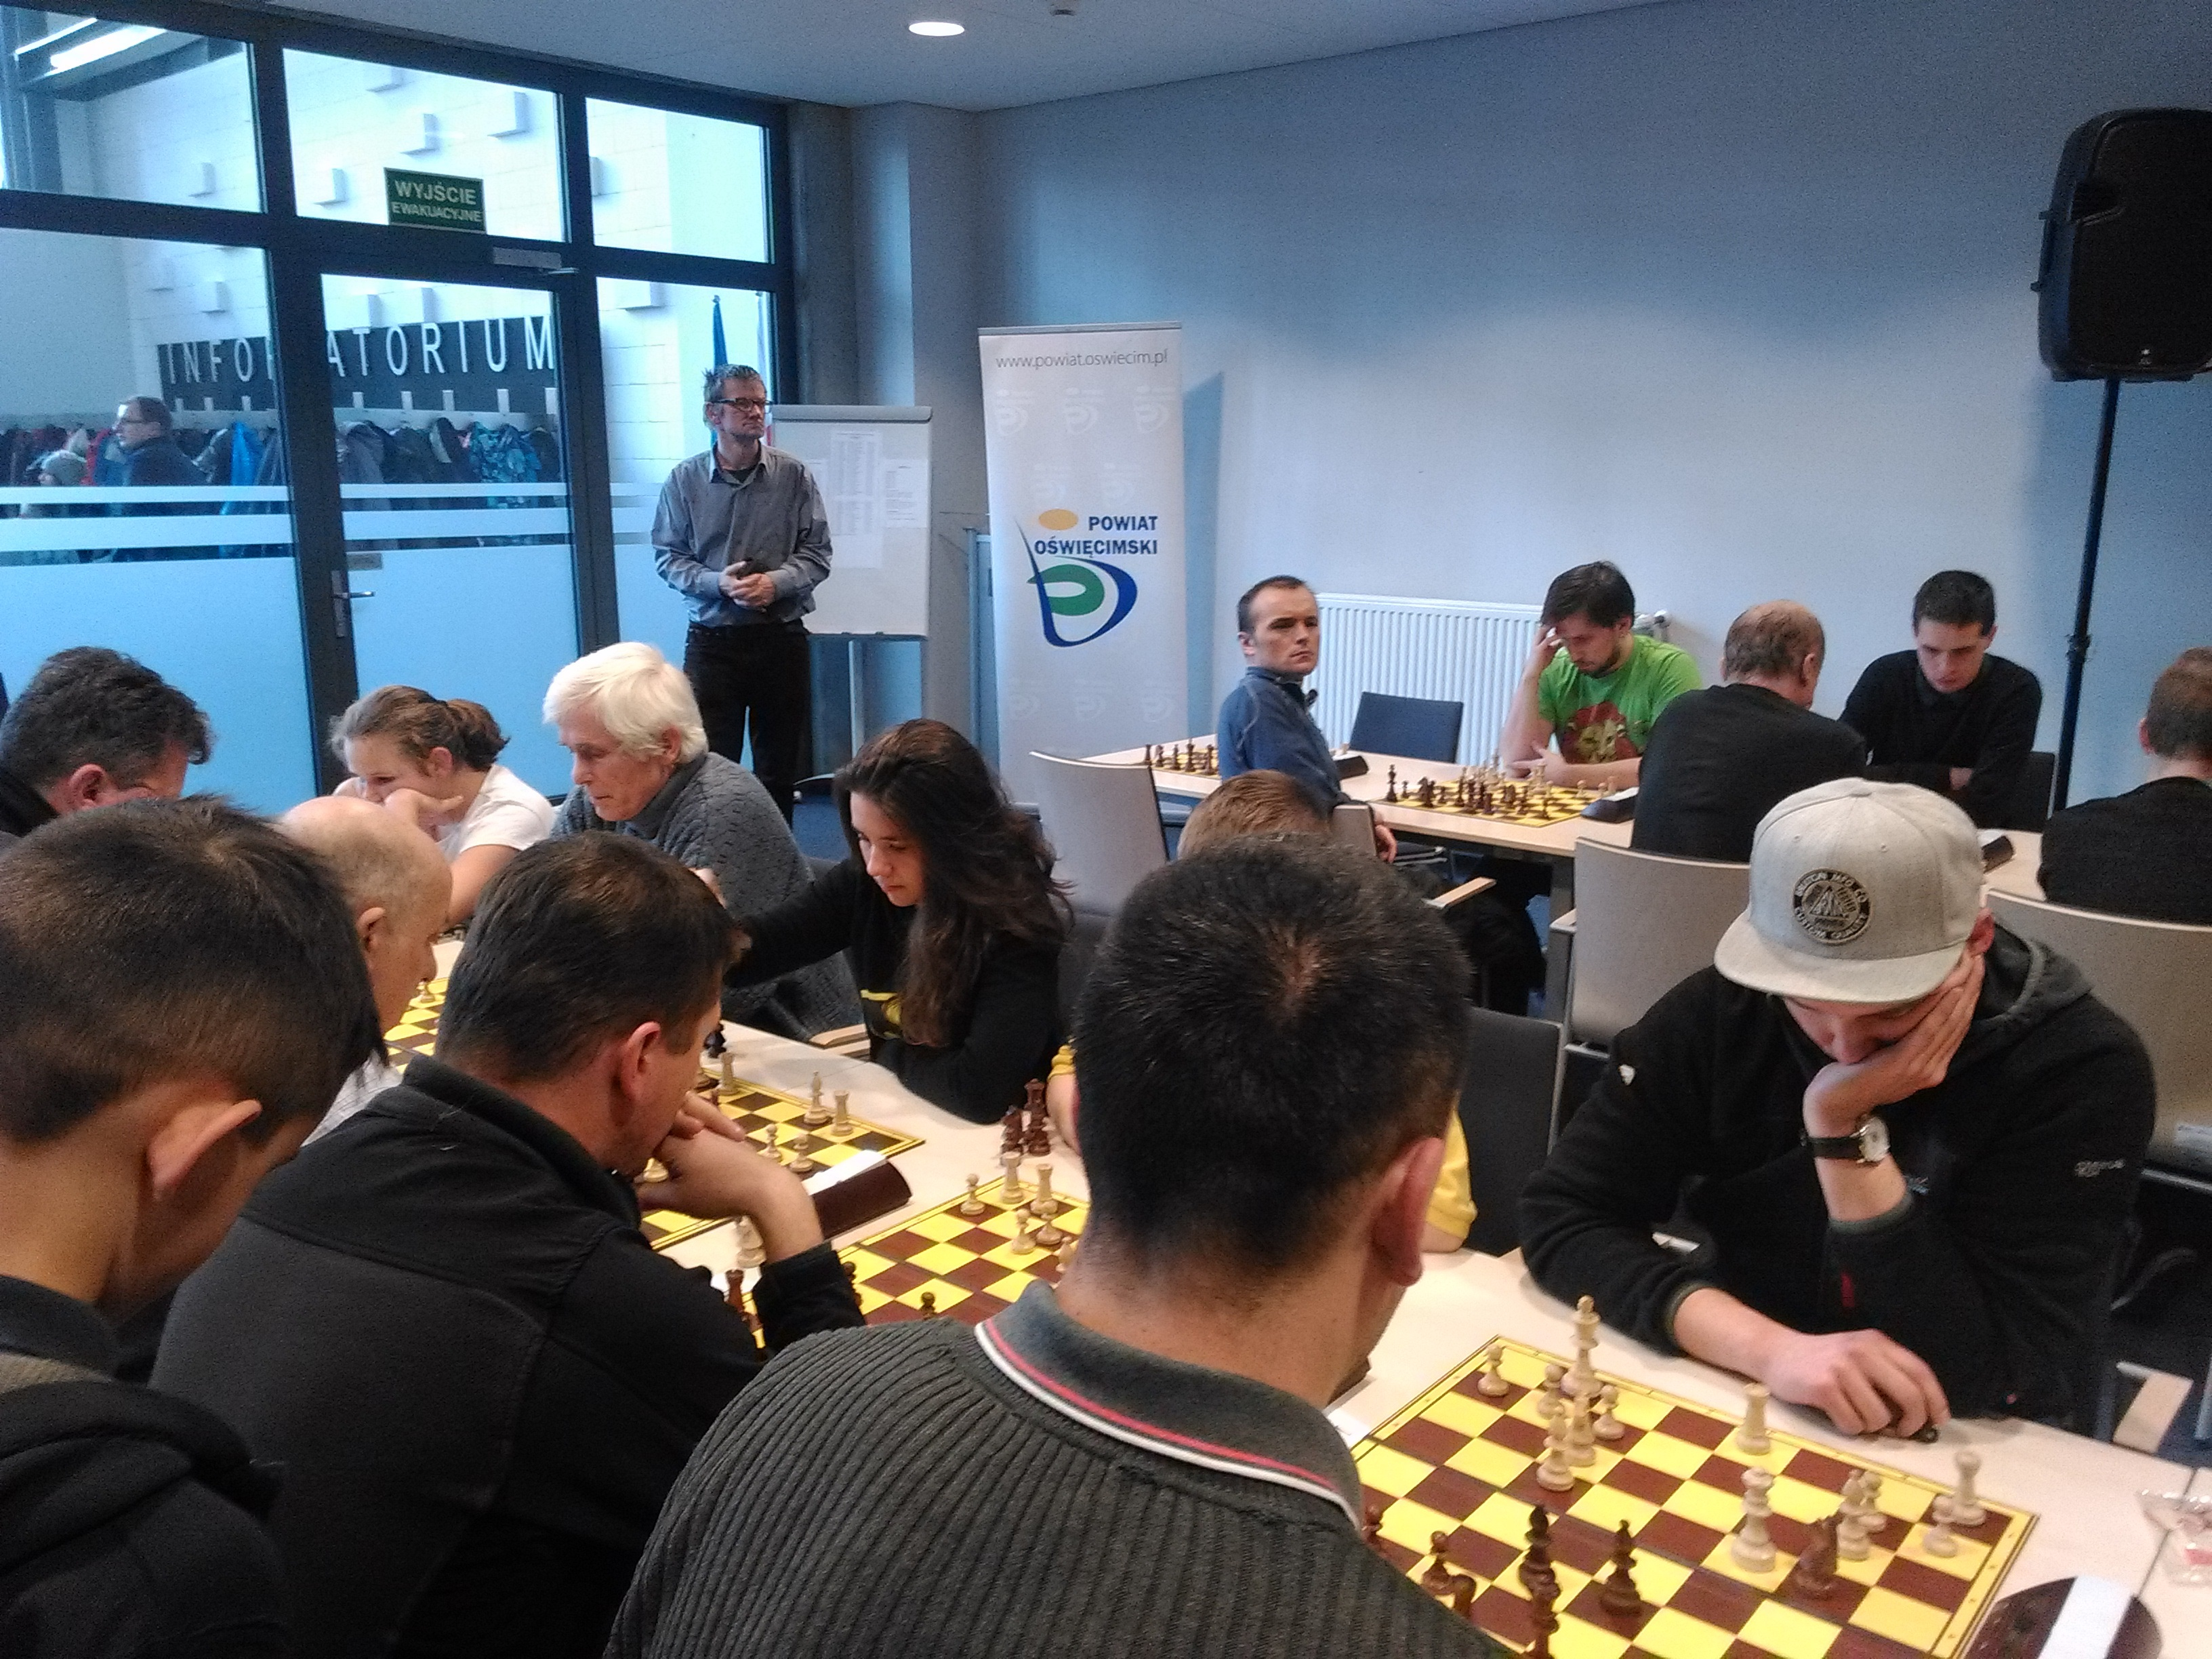 """W Miejskiej Bibliotece Publicznej już po raz szósty odbędzie się szachowy turniej o """"Puchar Starosty"""". Fot. zbiory organizatora"""